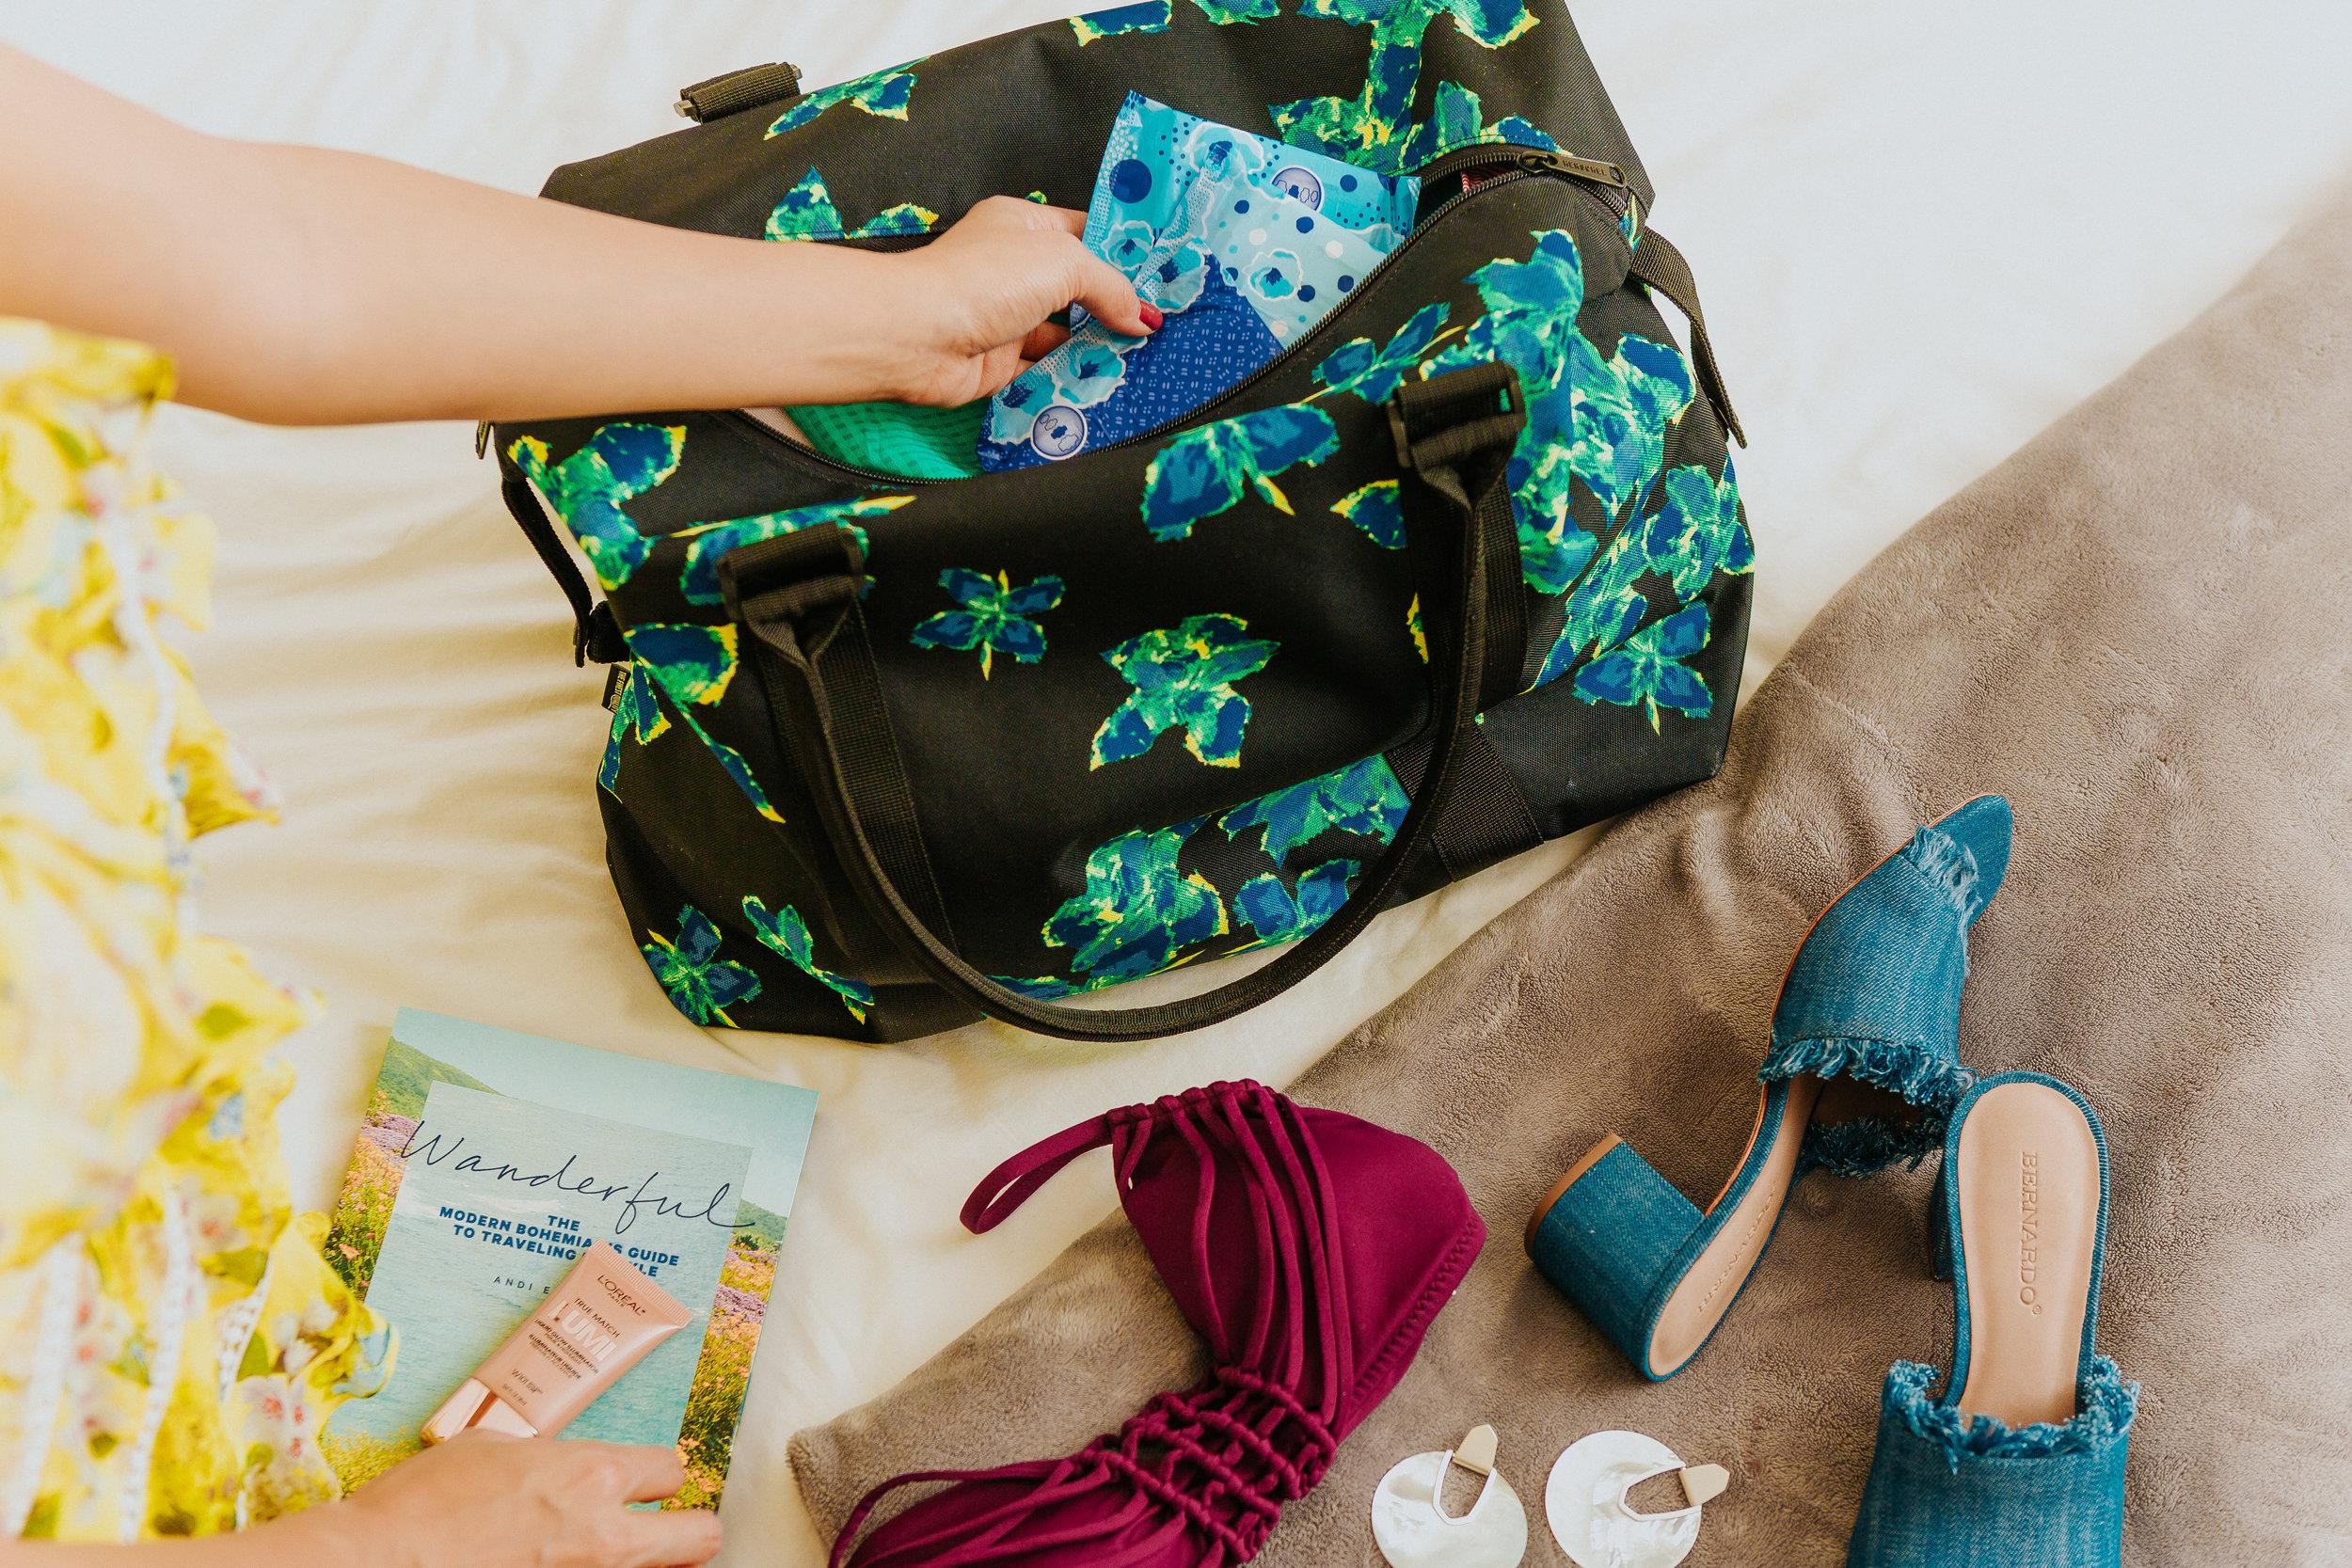 Melanie Sutrathada shares her weekend getaway must-haves including Always..jpg